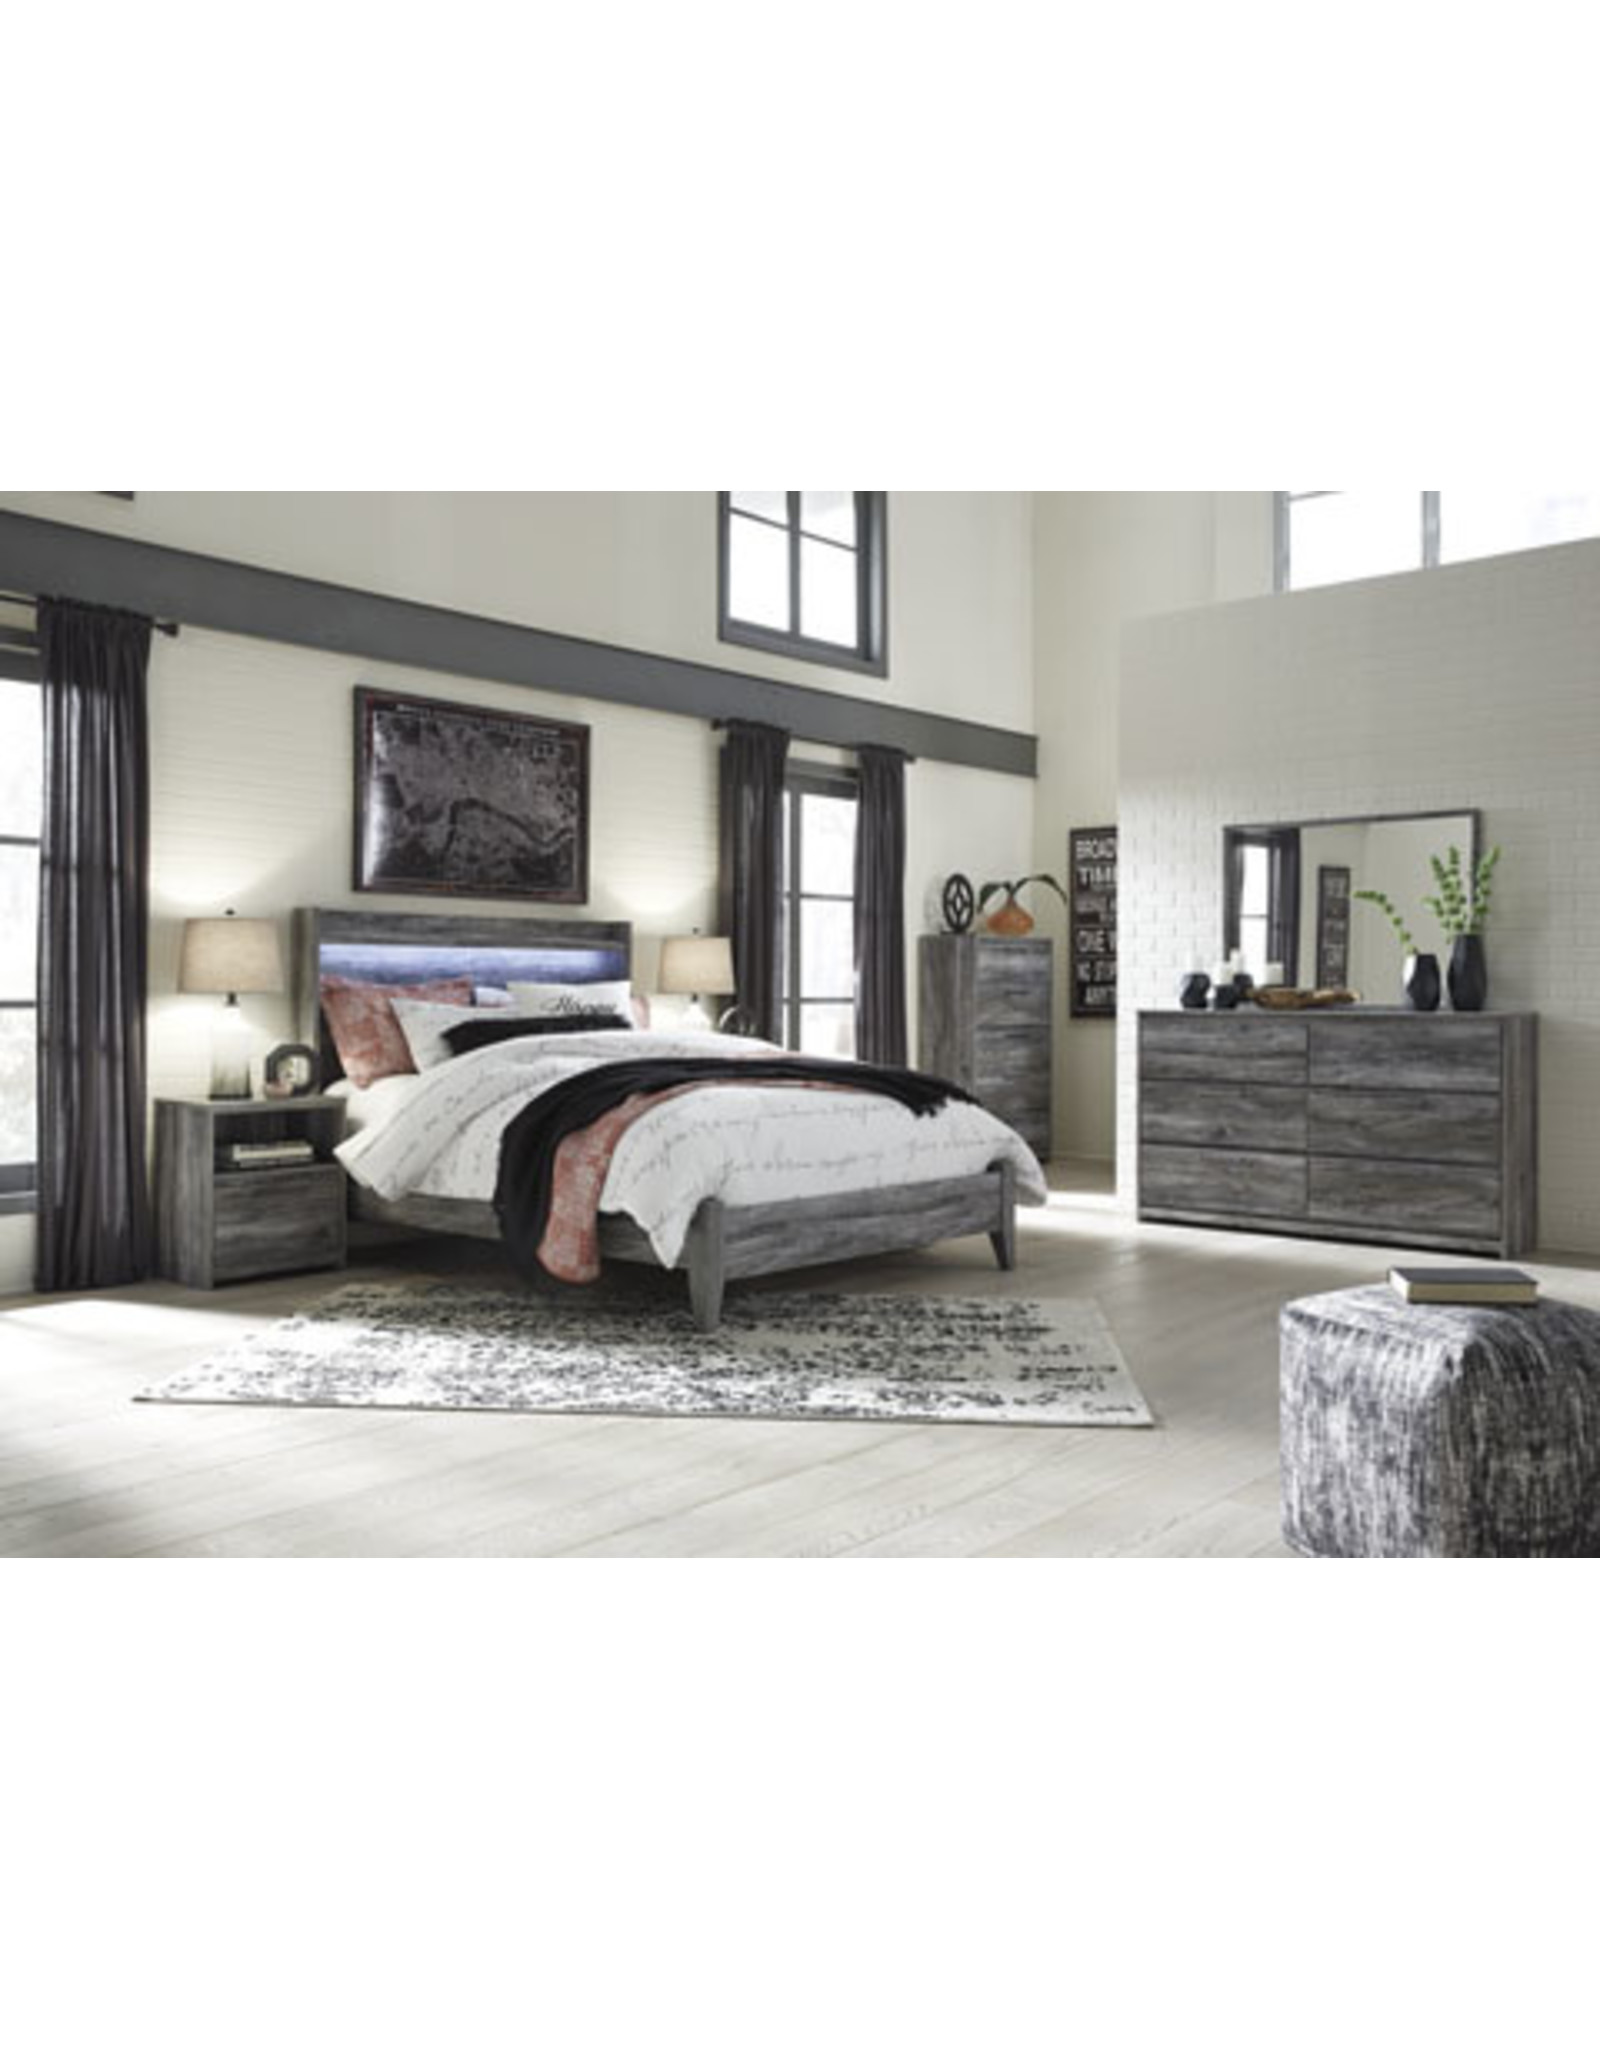 Baystorm B221 5pc Queen Bed-Dresser-Mirror